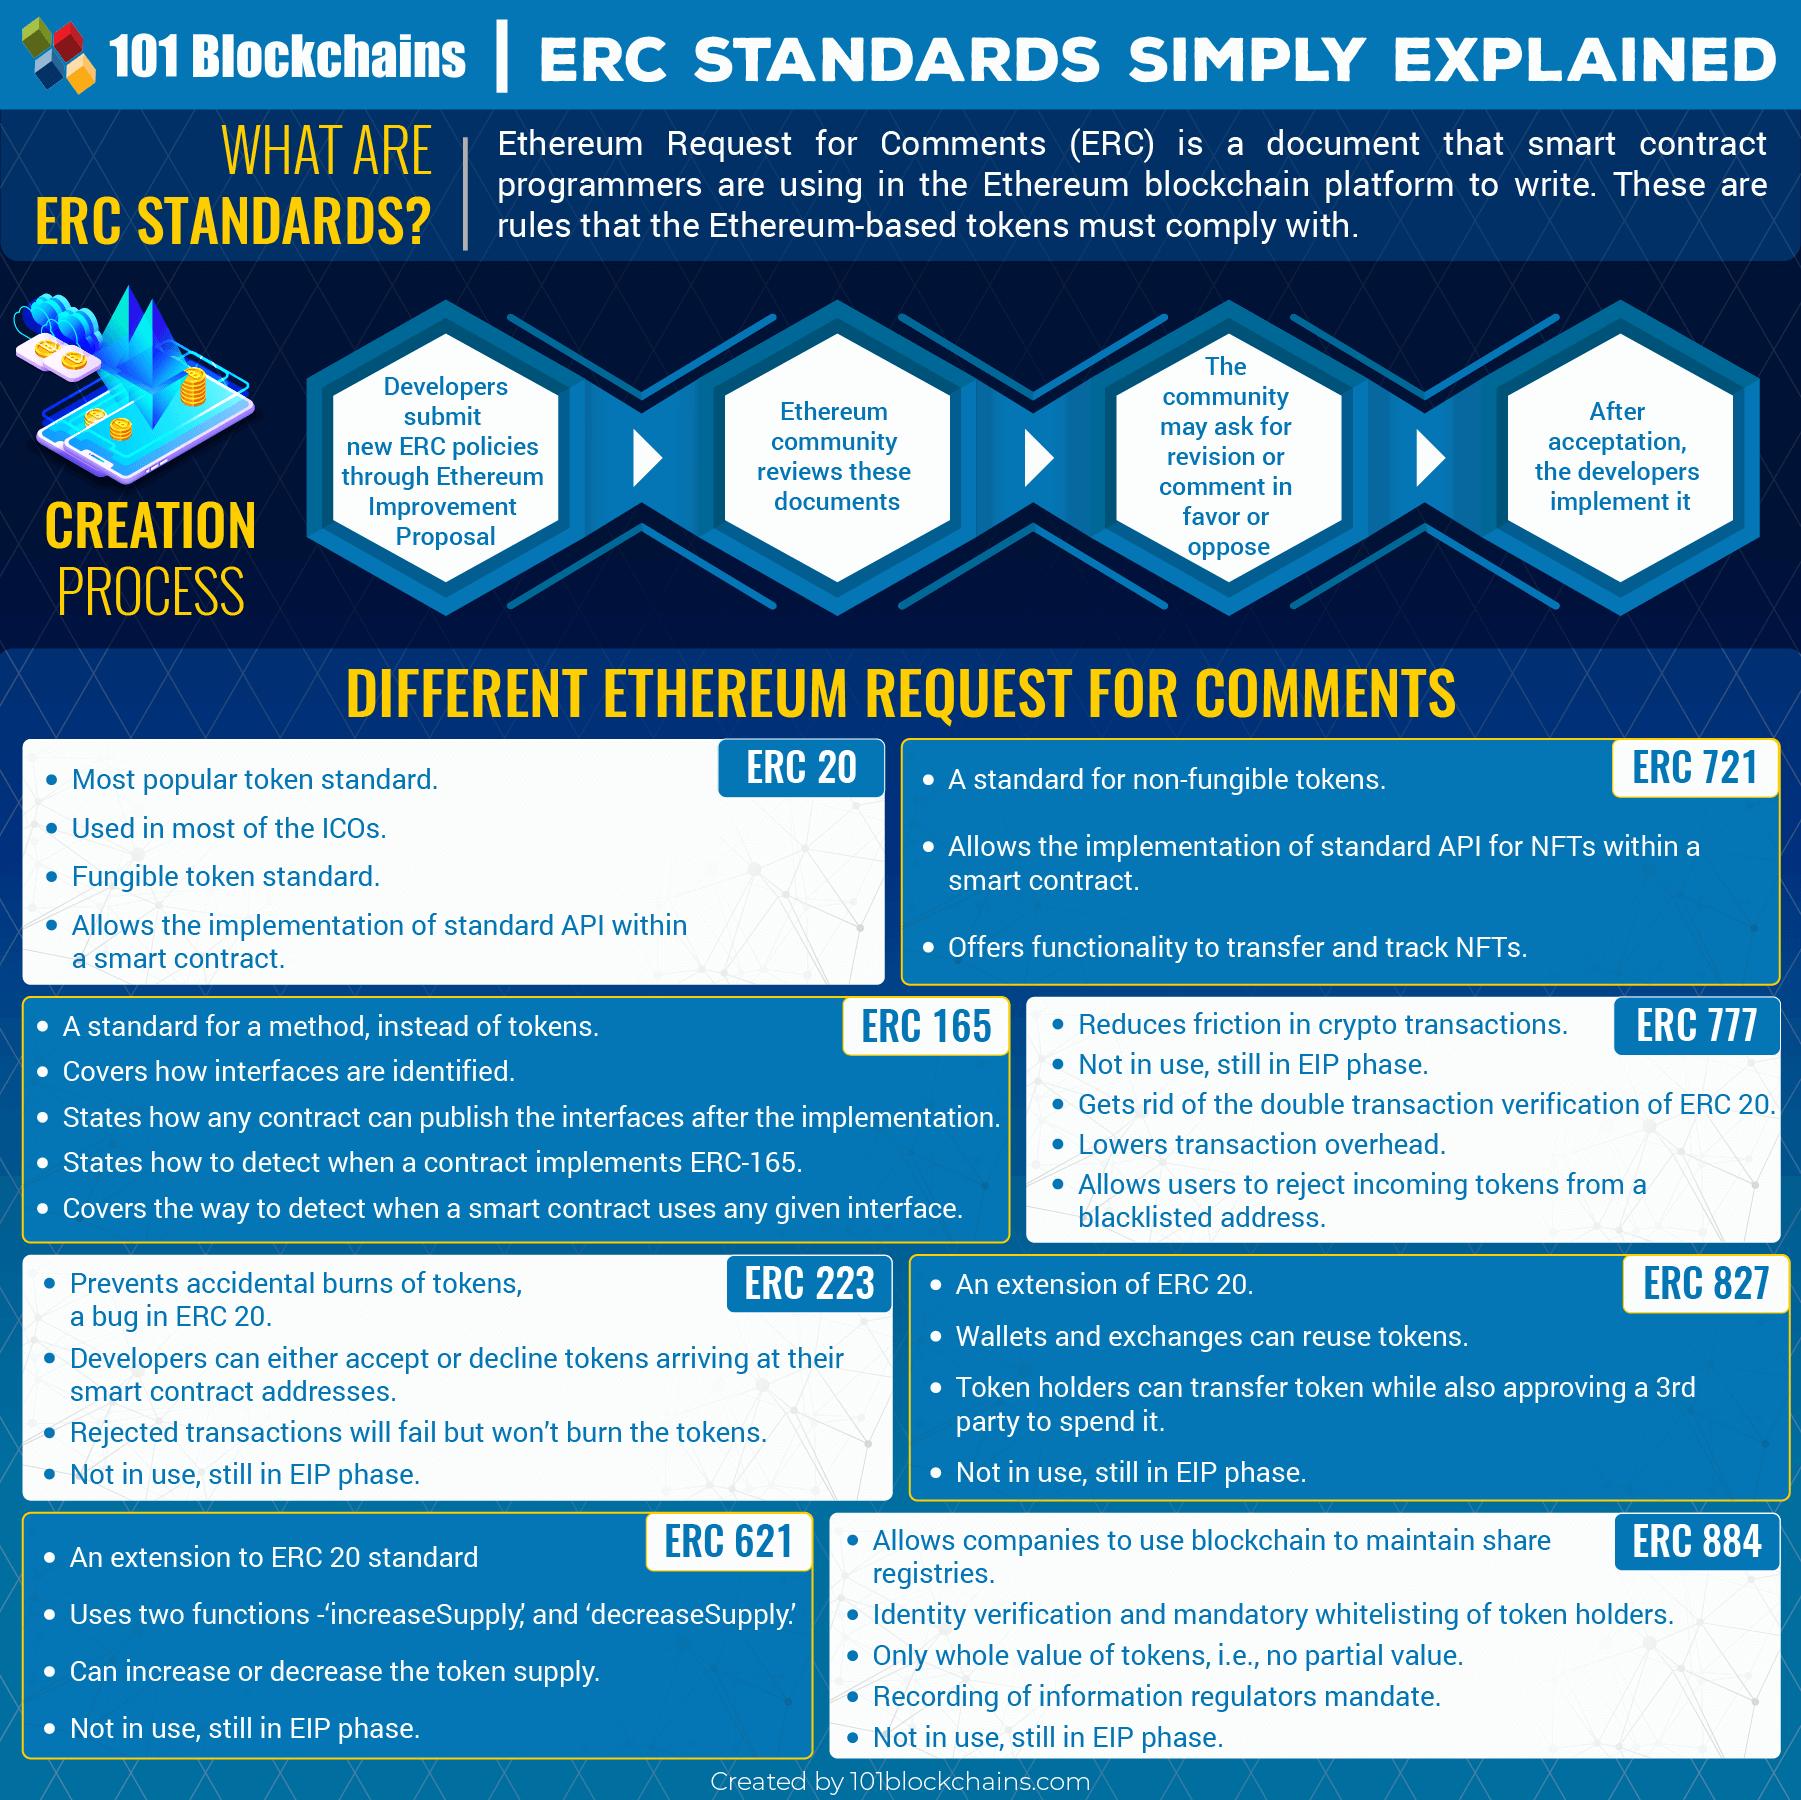 List of ERC Standards